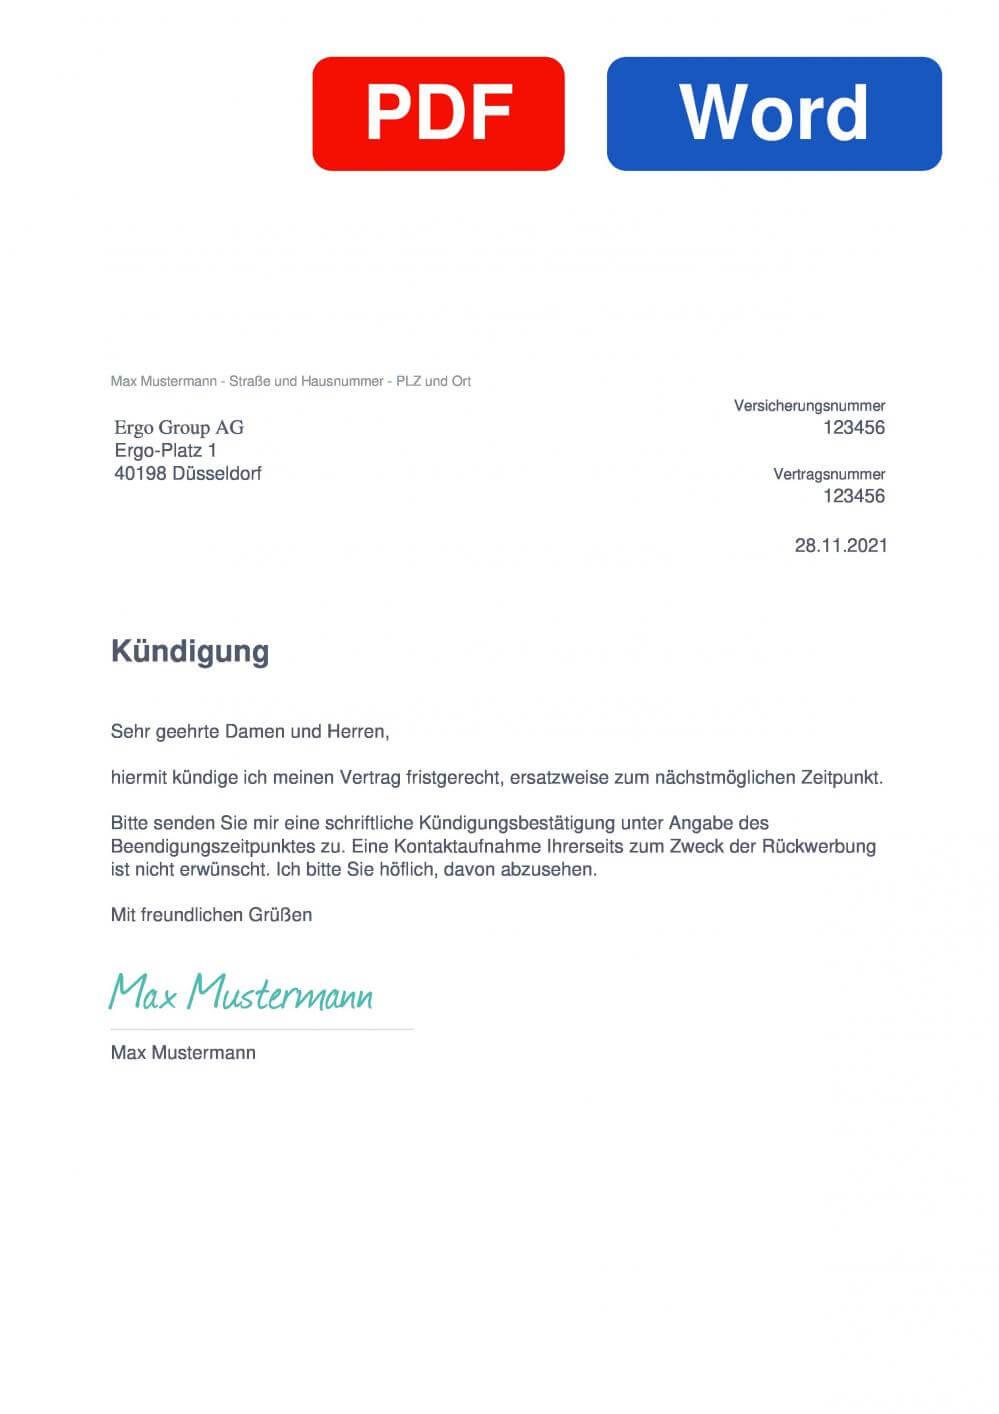 Ergo Direkt Unfallversicherung Muster Vorlage für Kündigungsschreiben